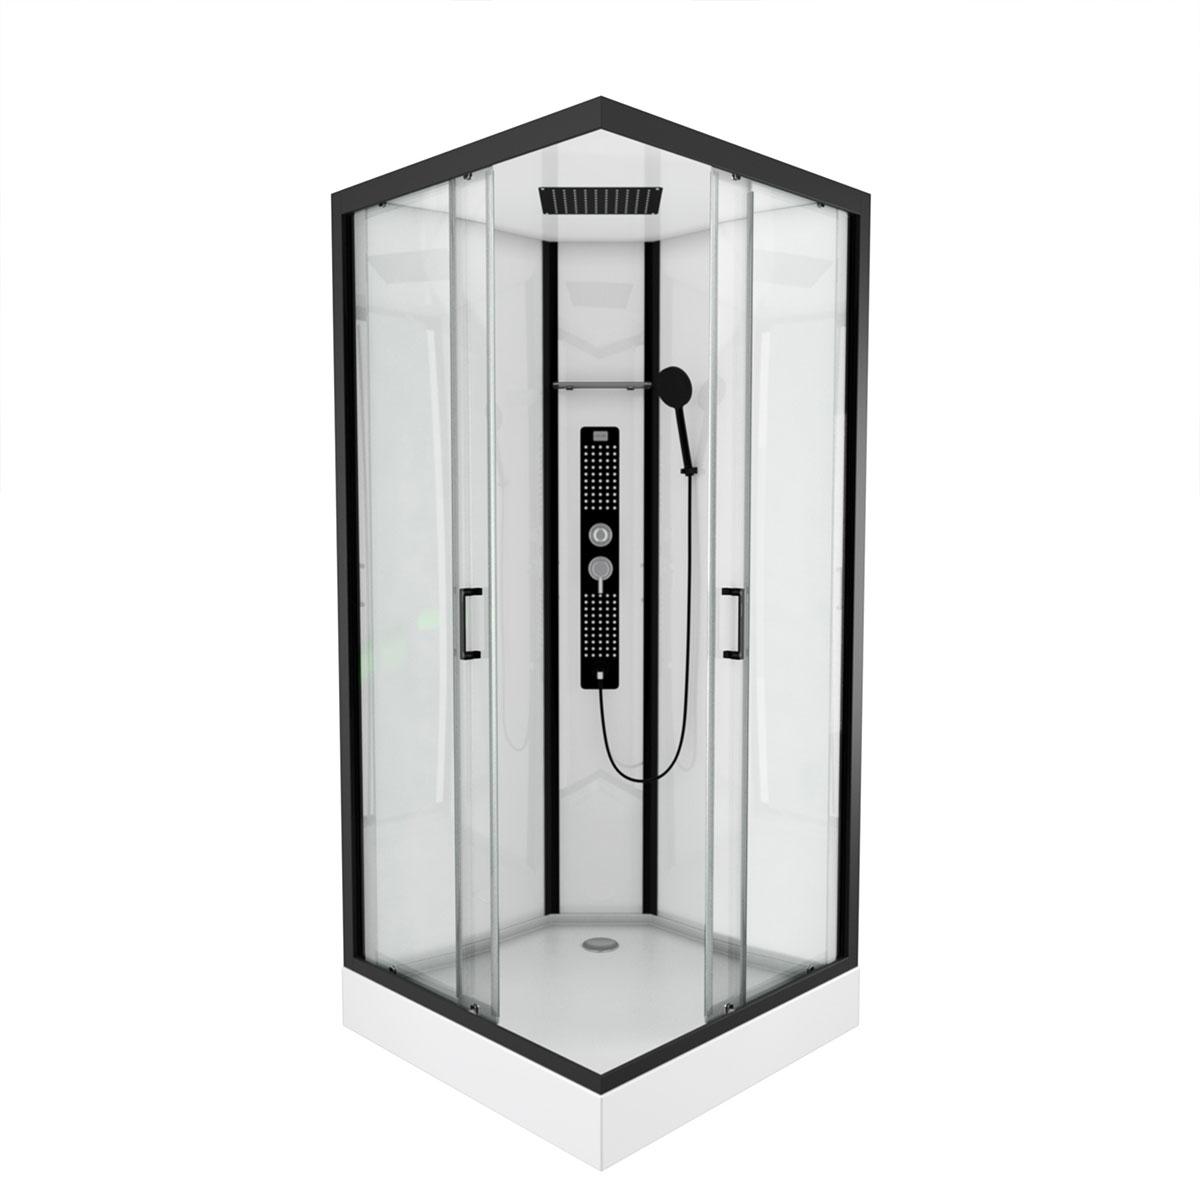 Cabine de douche carrée au style industriel (Noir)